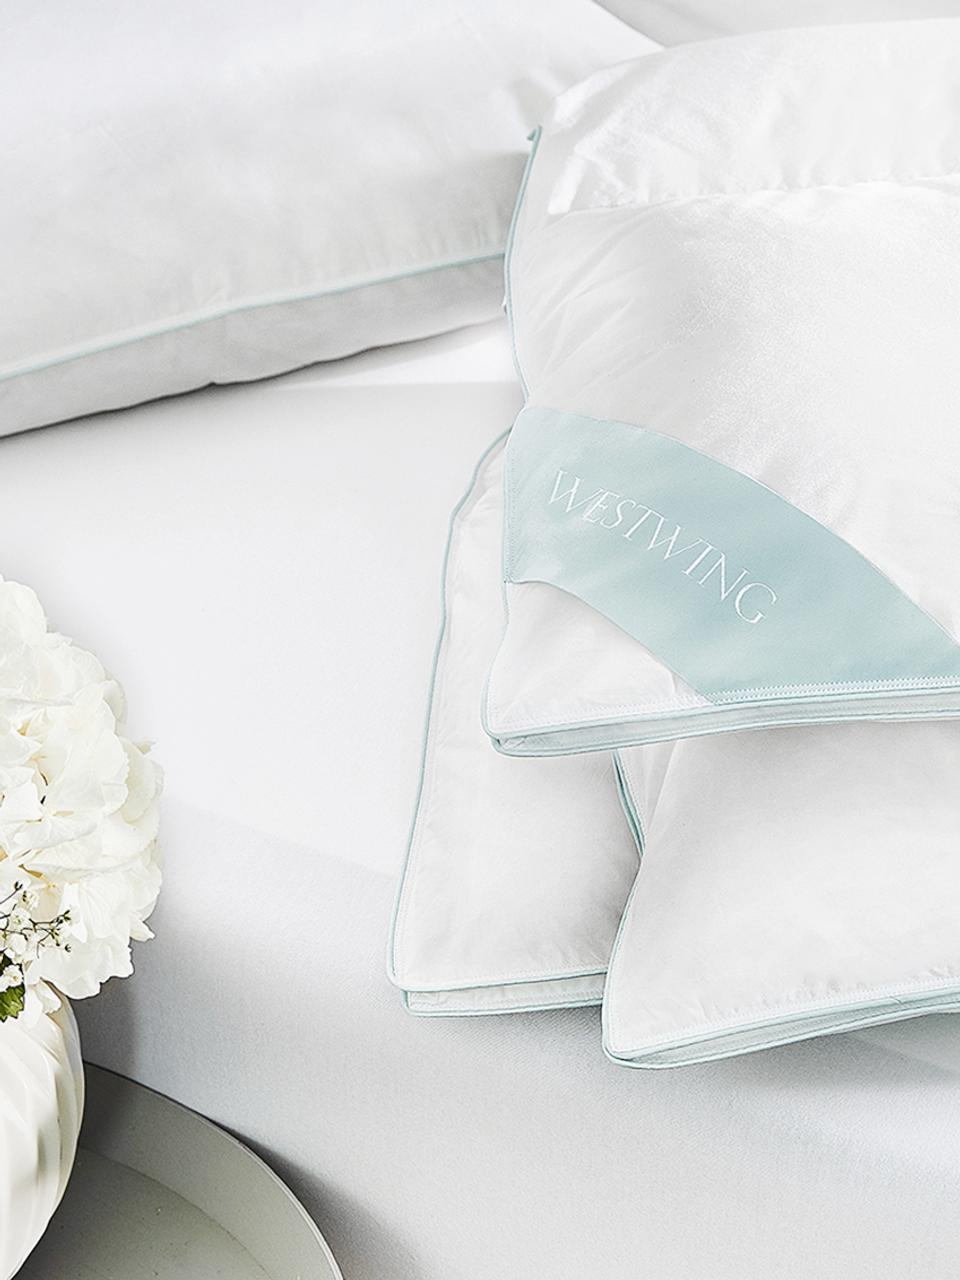 Reine Daunen-Bettdecke Premium, extra leicht, Hülle: 100% Baumwolle, feine Mak, Weiß, 135 x 200 cm